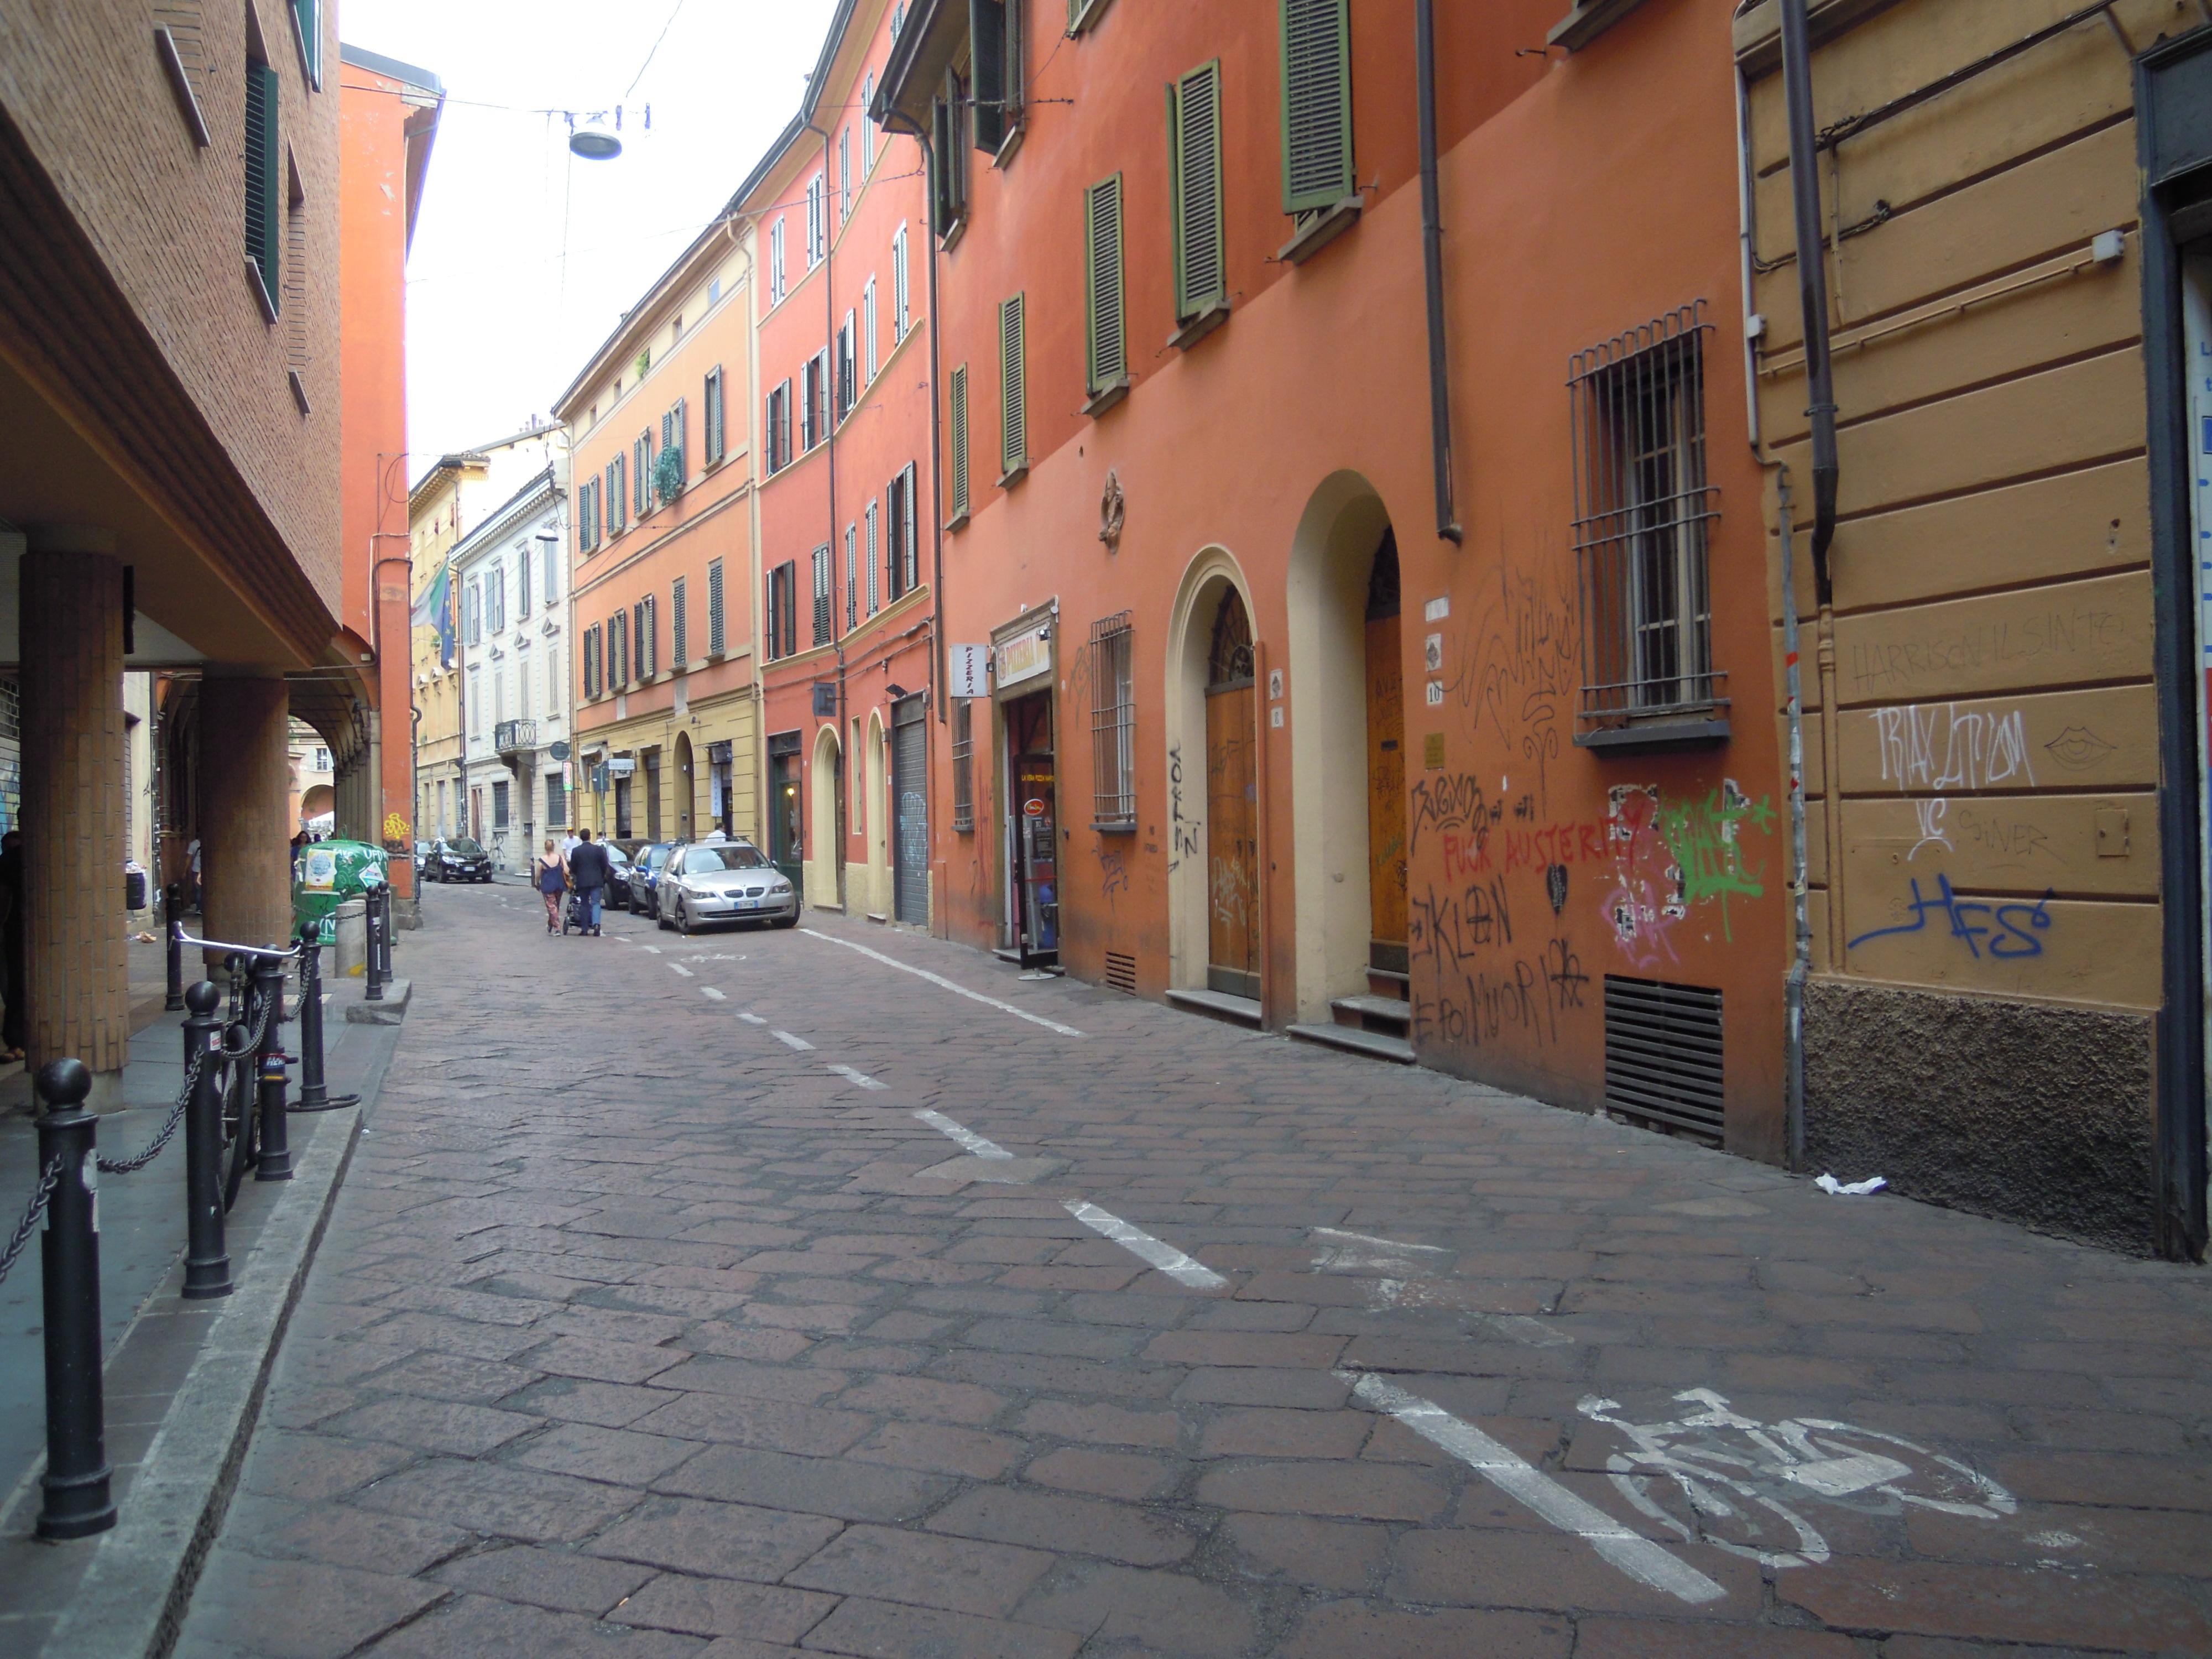 Ufficio Verde Comune Di Bologna : La rossa attraversa la u cverdeu d bologna sassuolo